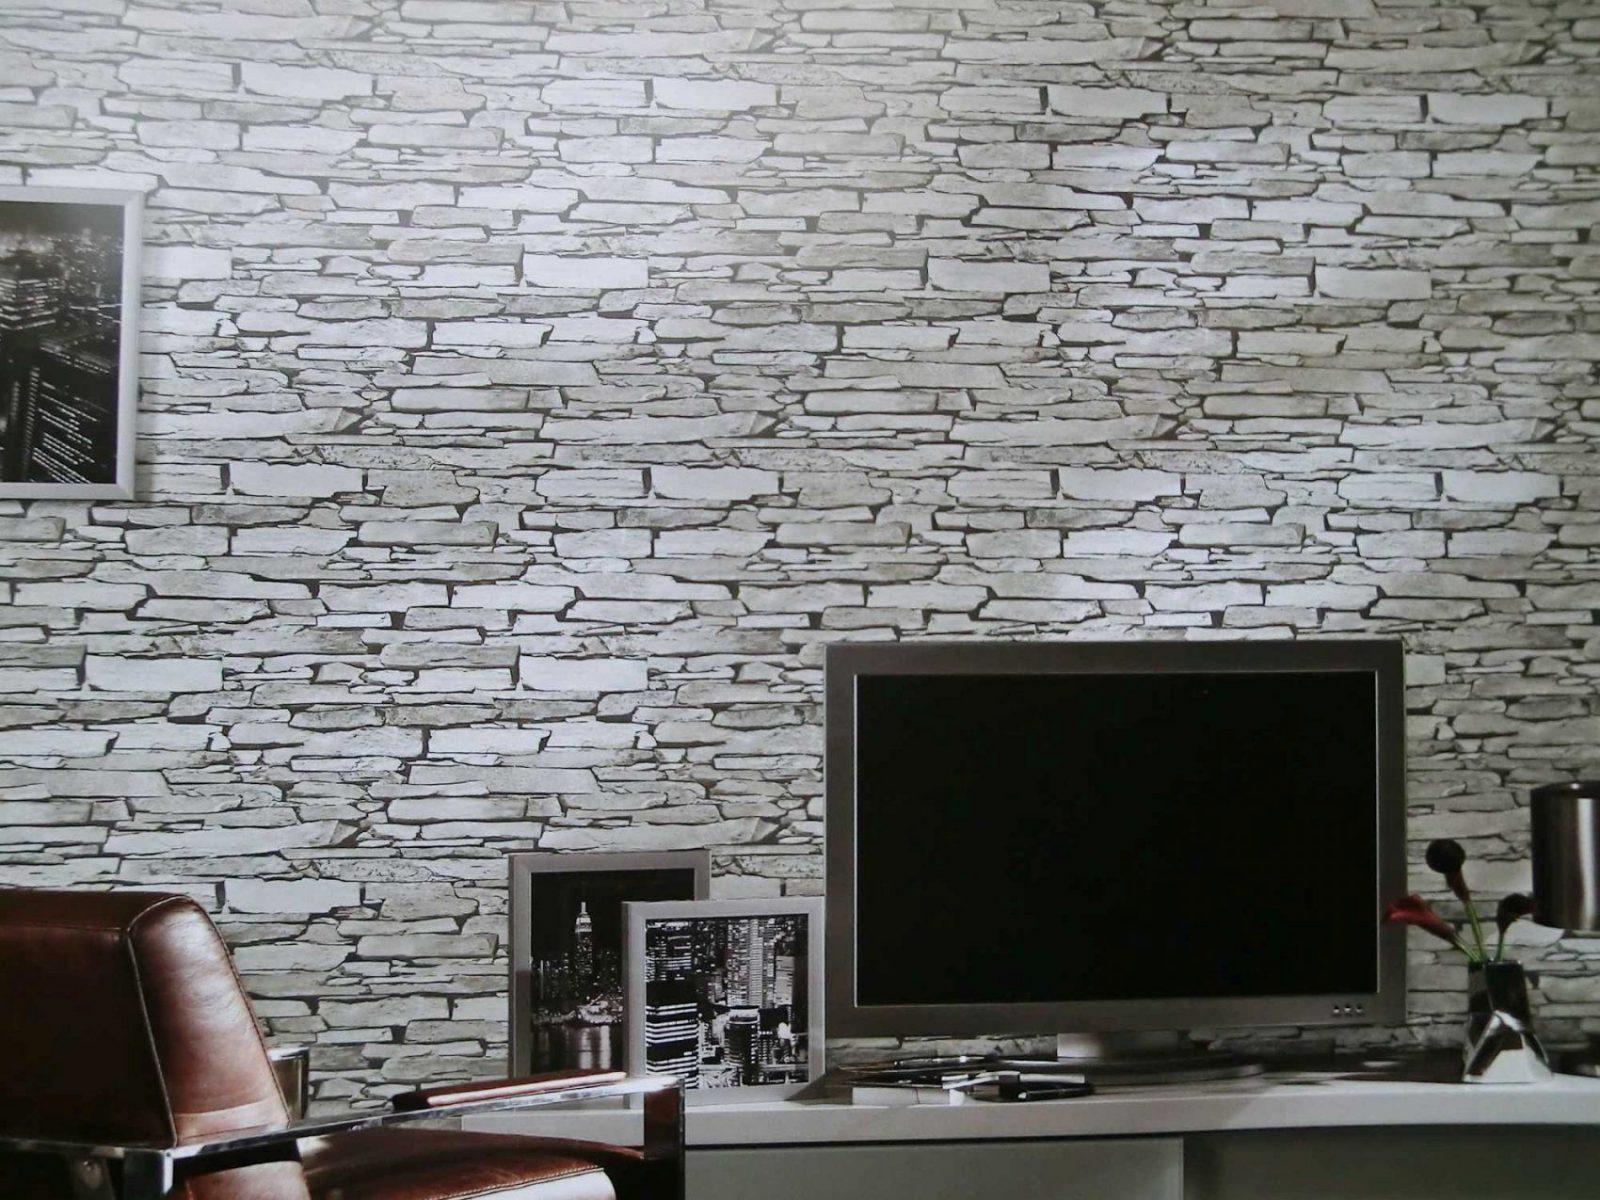 Wohnzimmer Atemberaubend Stein Tapete Wohnzimmer Design Aufregend von Stein Tapete 3D Wohnzimmer Photo